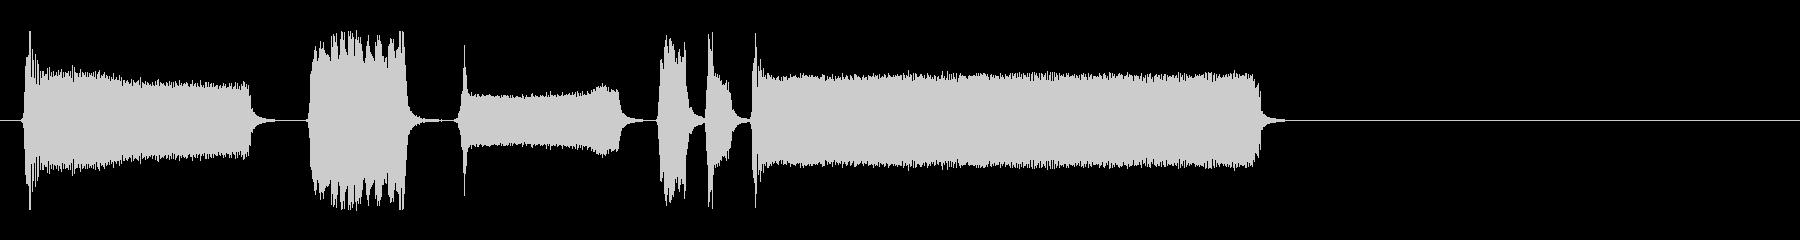 トラックセミホーン;オフチューンブラストの未再生の波形